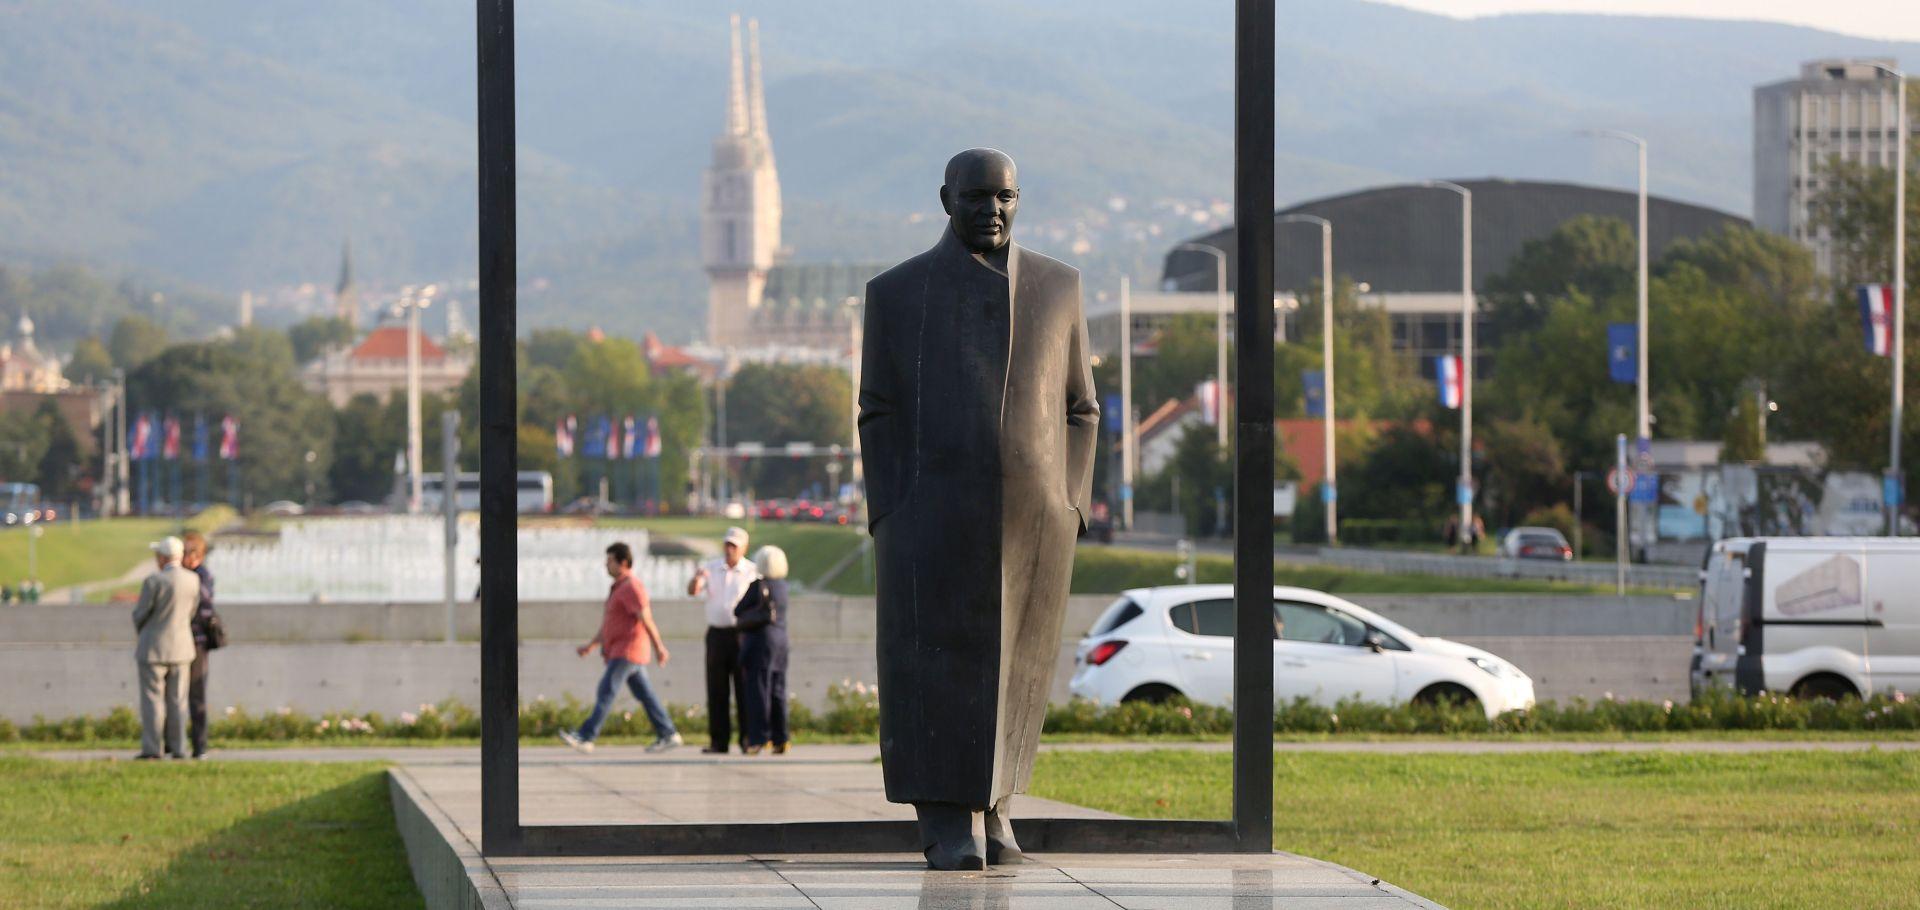 Obilježena 100. obljetnica rođenja zagrebačkog gradonačelnika Većeslava Holjevca